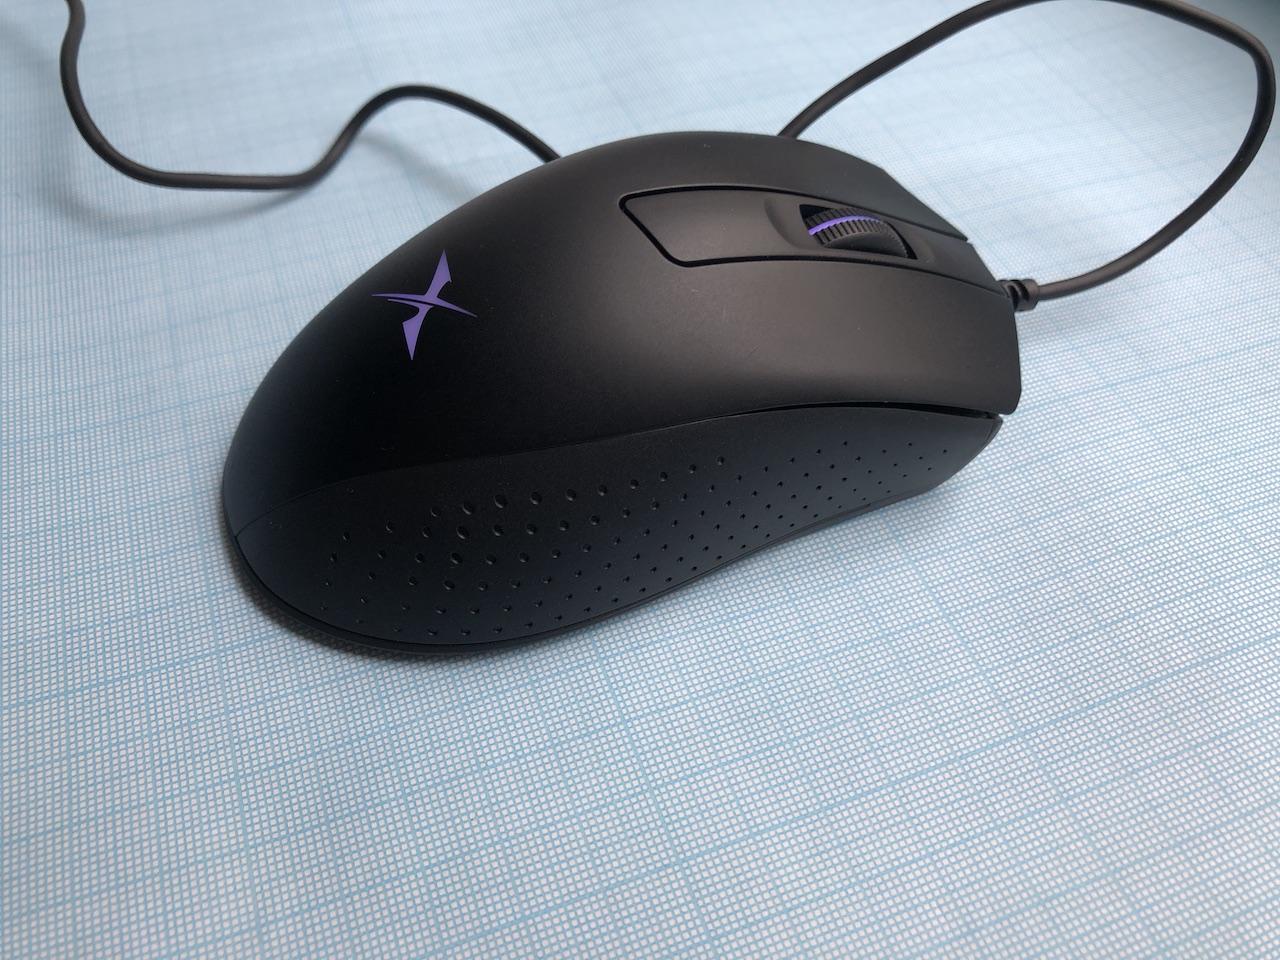 Обзор и тестирование игровой мыши